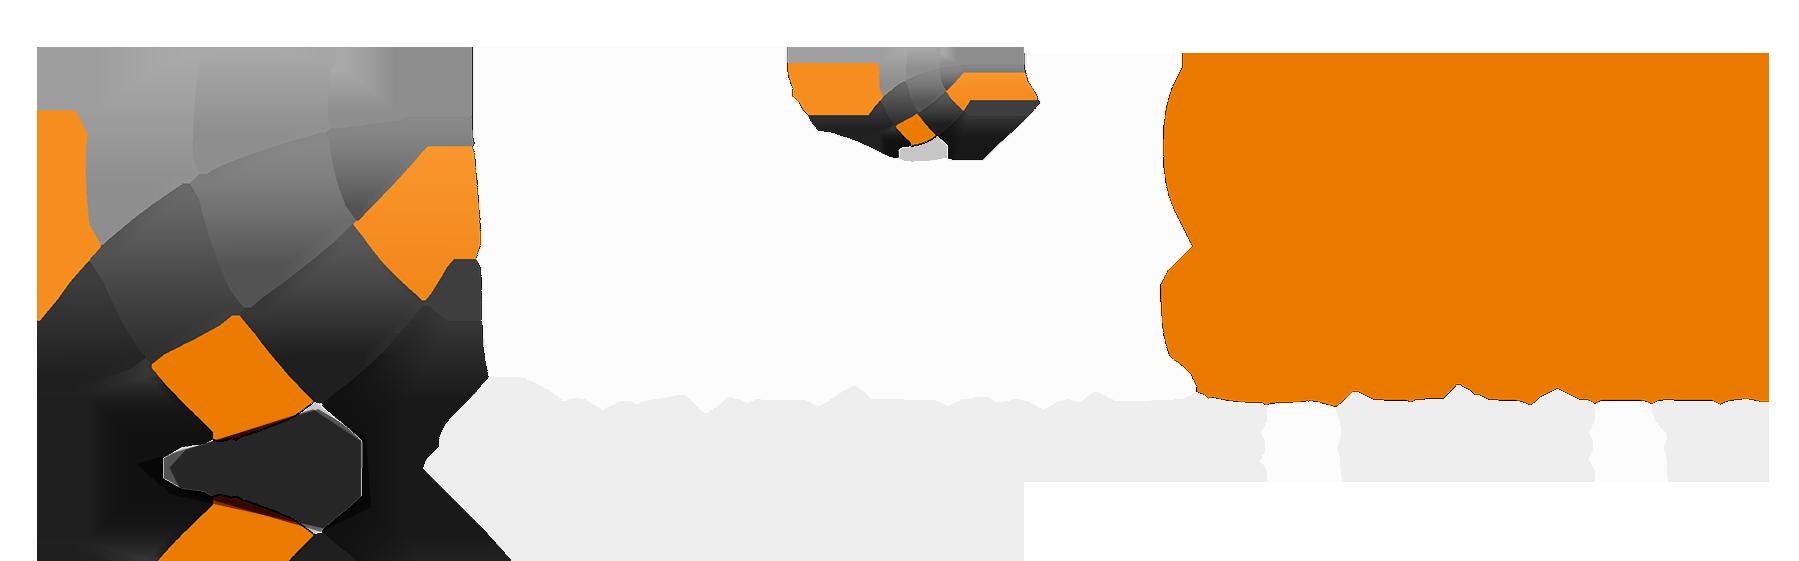 GridSme